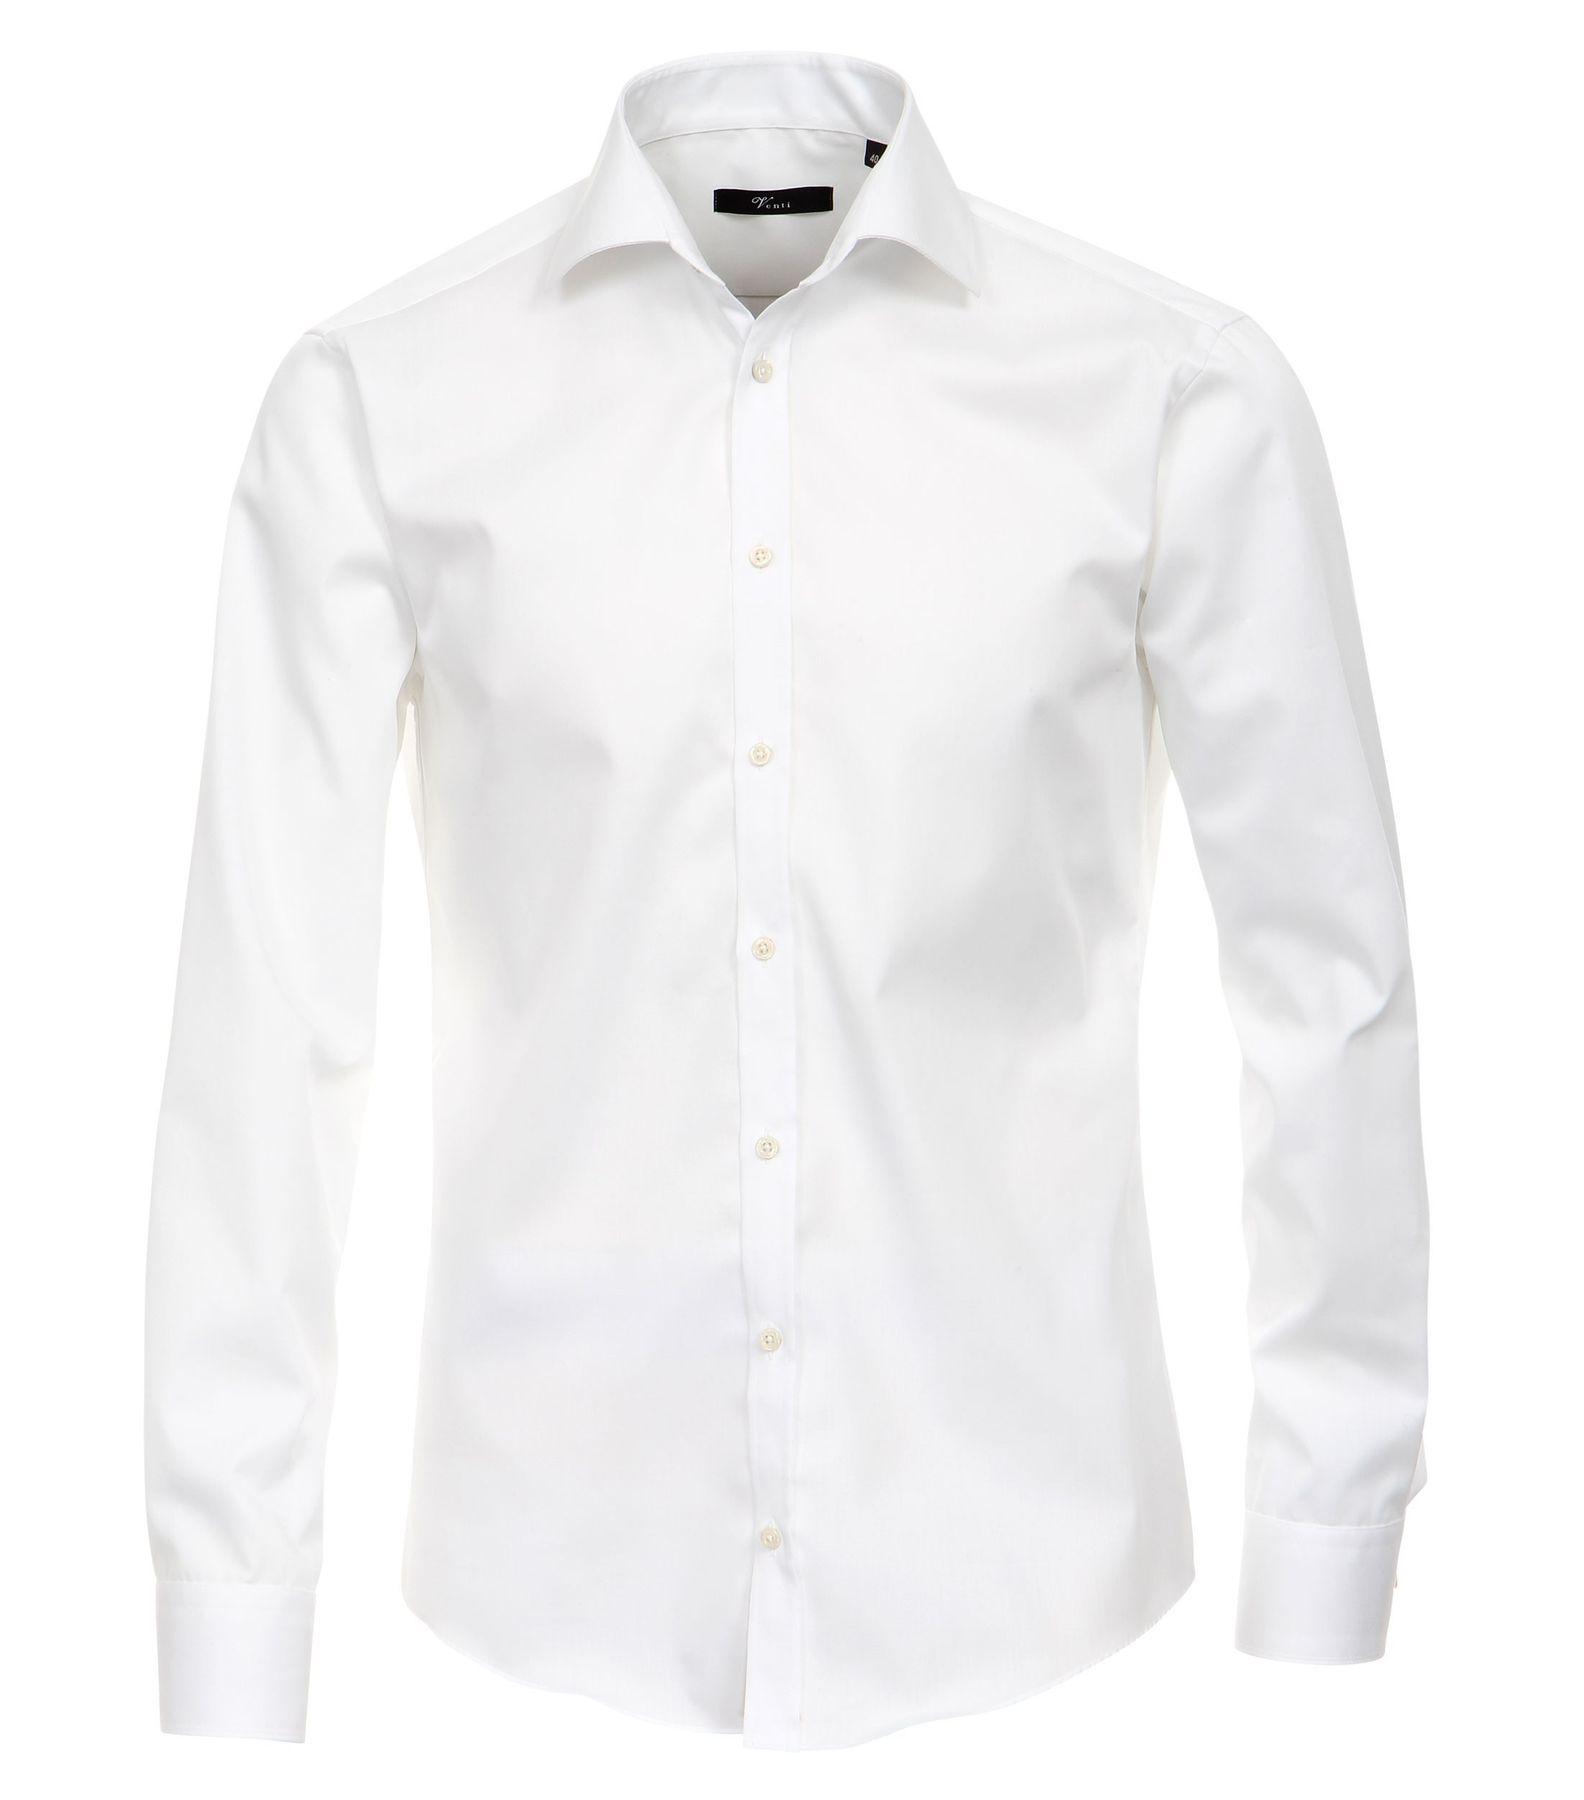 Venti - Slim Fit - Bügelfreies Herren Langarm Hemd mit Haifisch Kragen in verschiedenen Farben (001800 A) – Bild 2